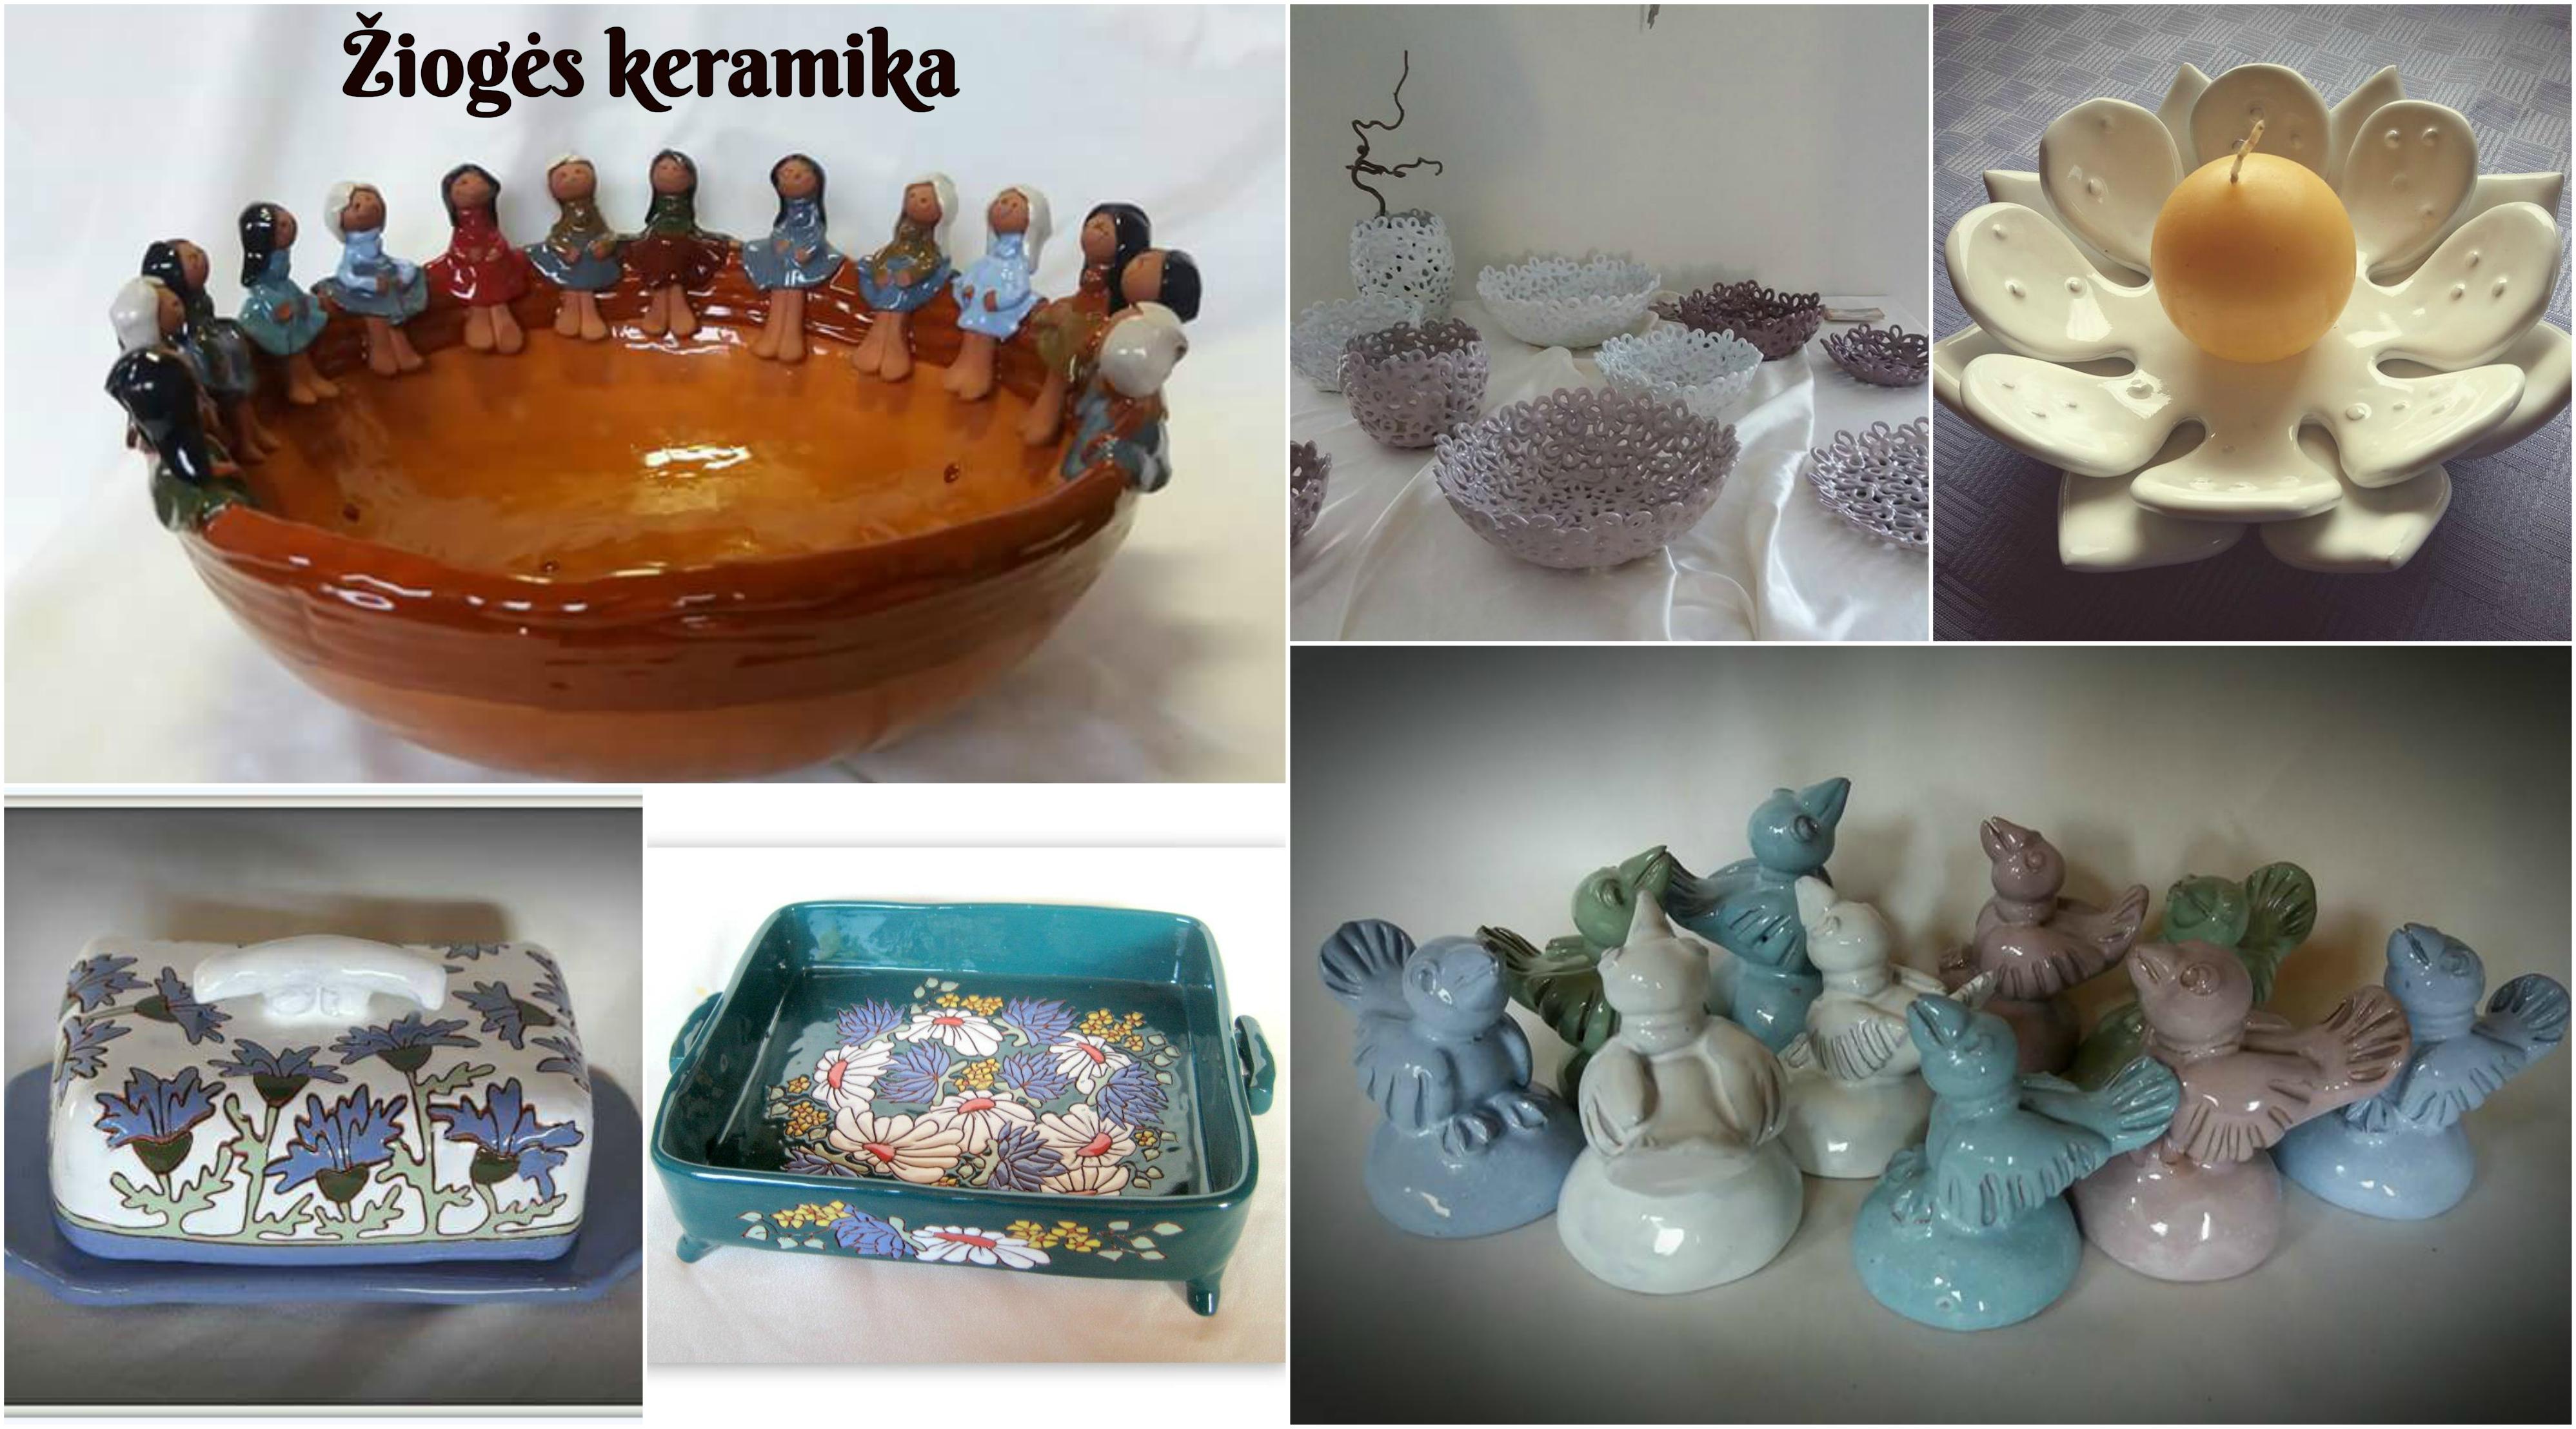 Žiogės keramika